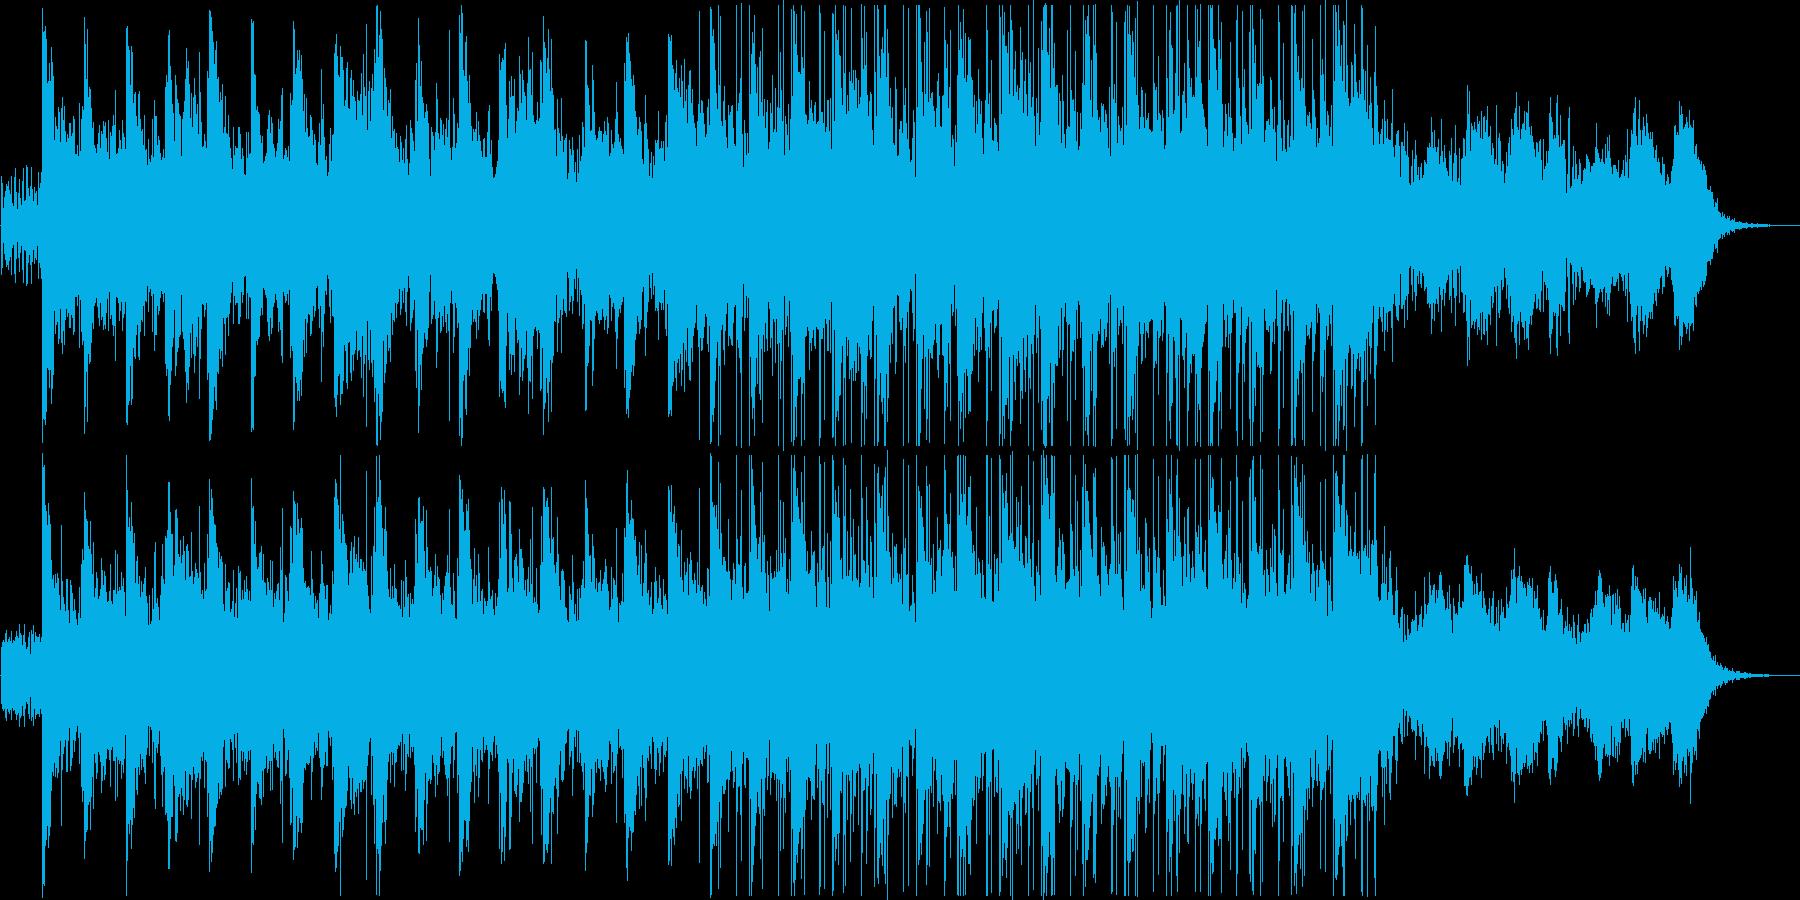 ニュースなどに最適なアンビエントBGMの再生済みの波形